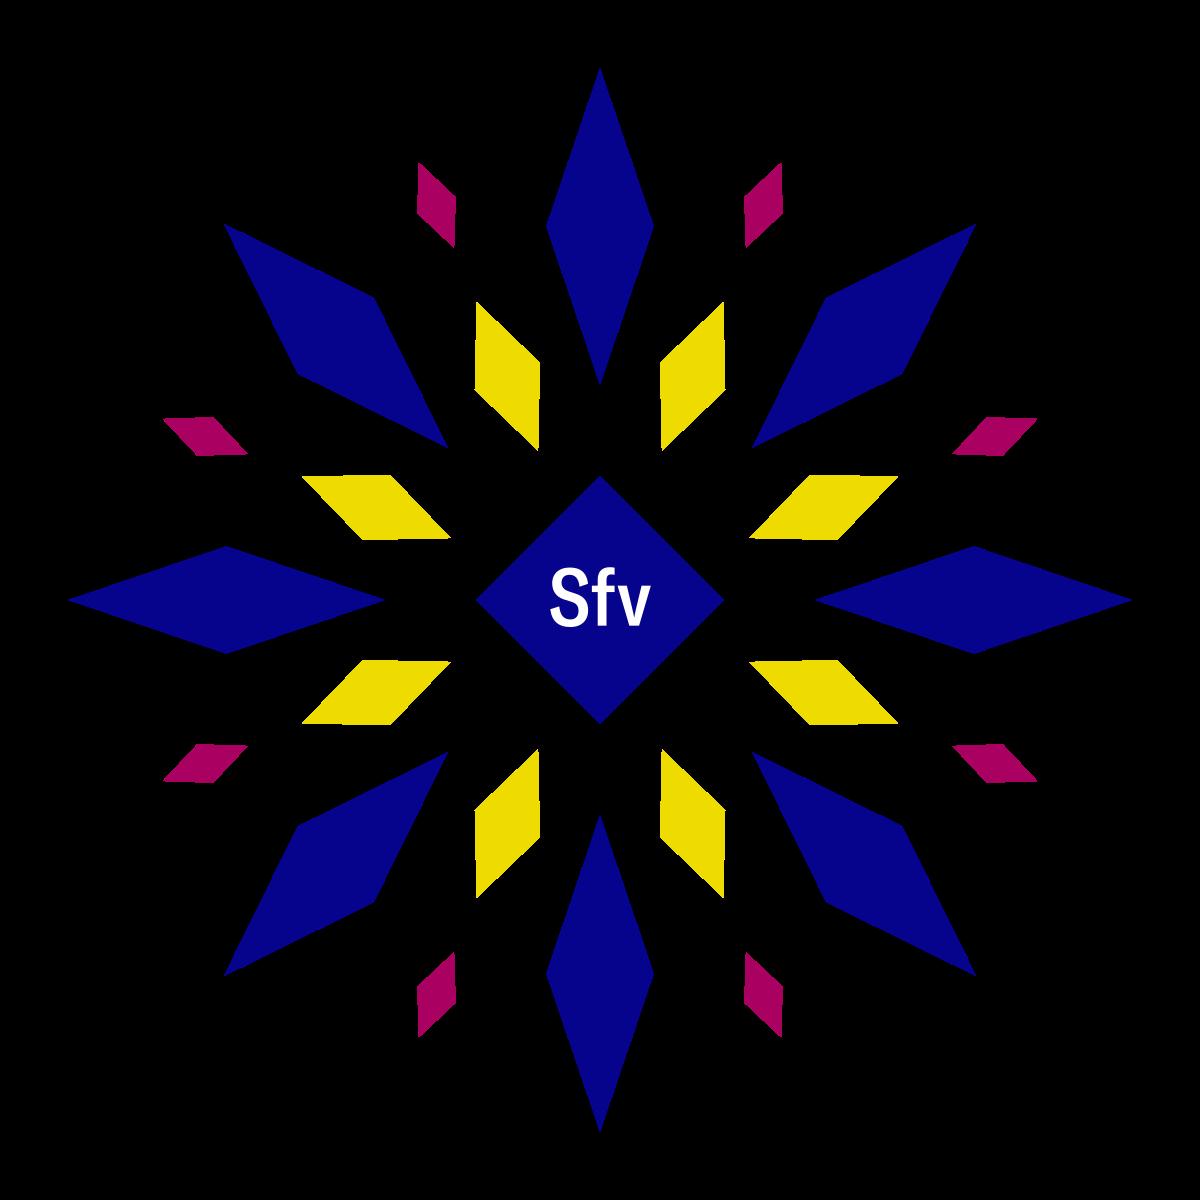 SFV OG cannabis strain